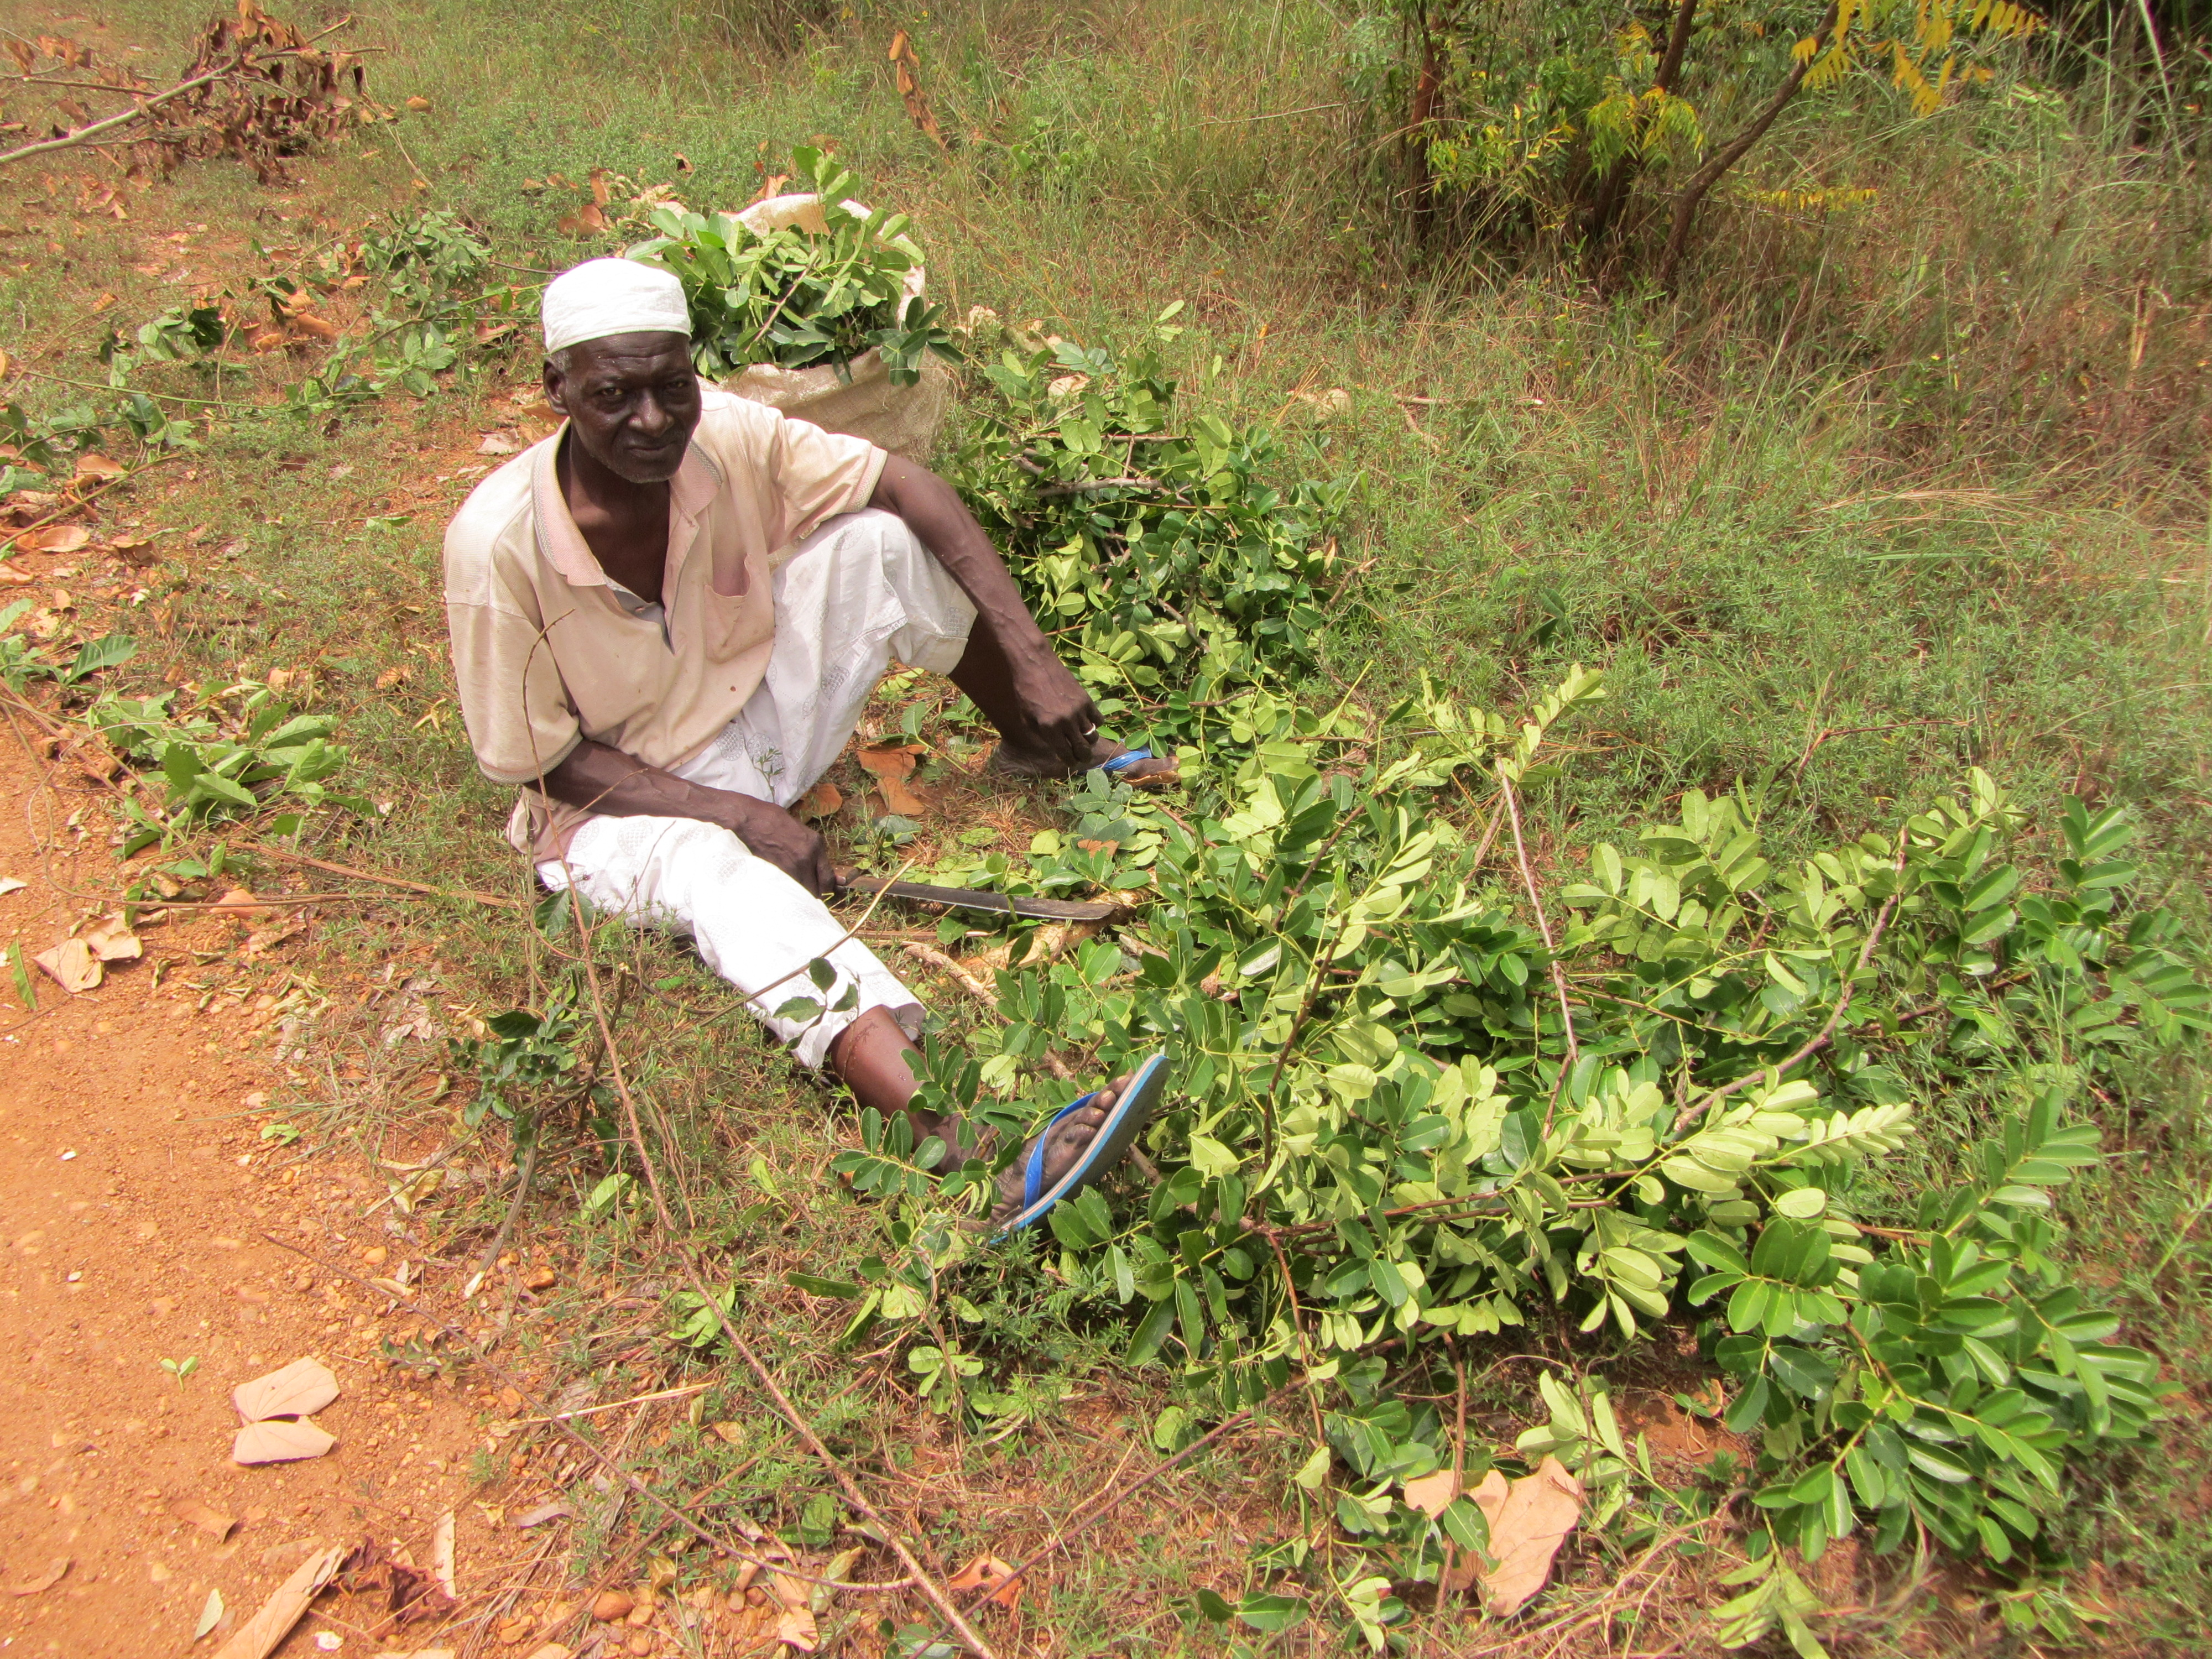 Un experto recoge hojas para combatir el paludismo